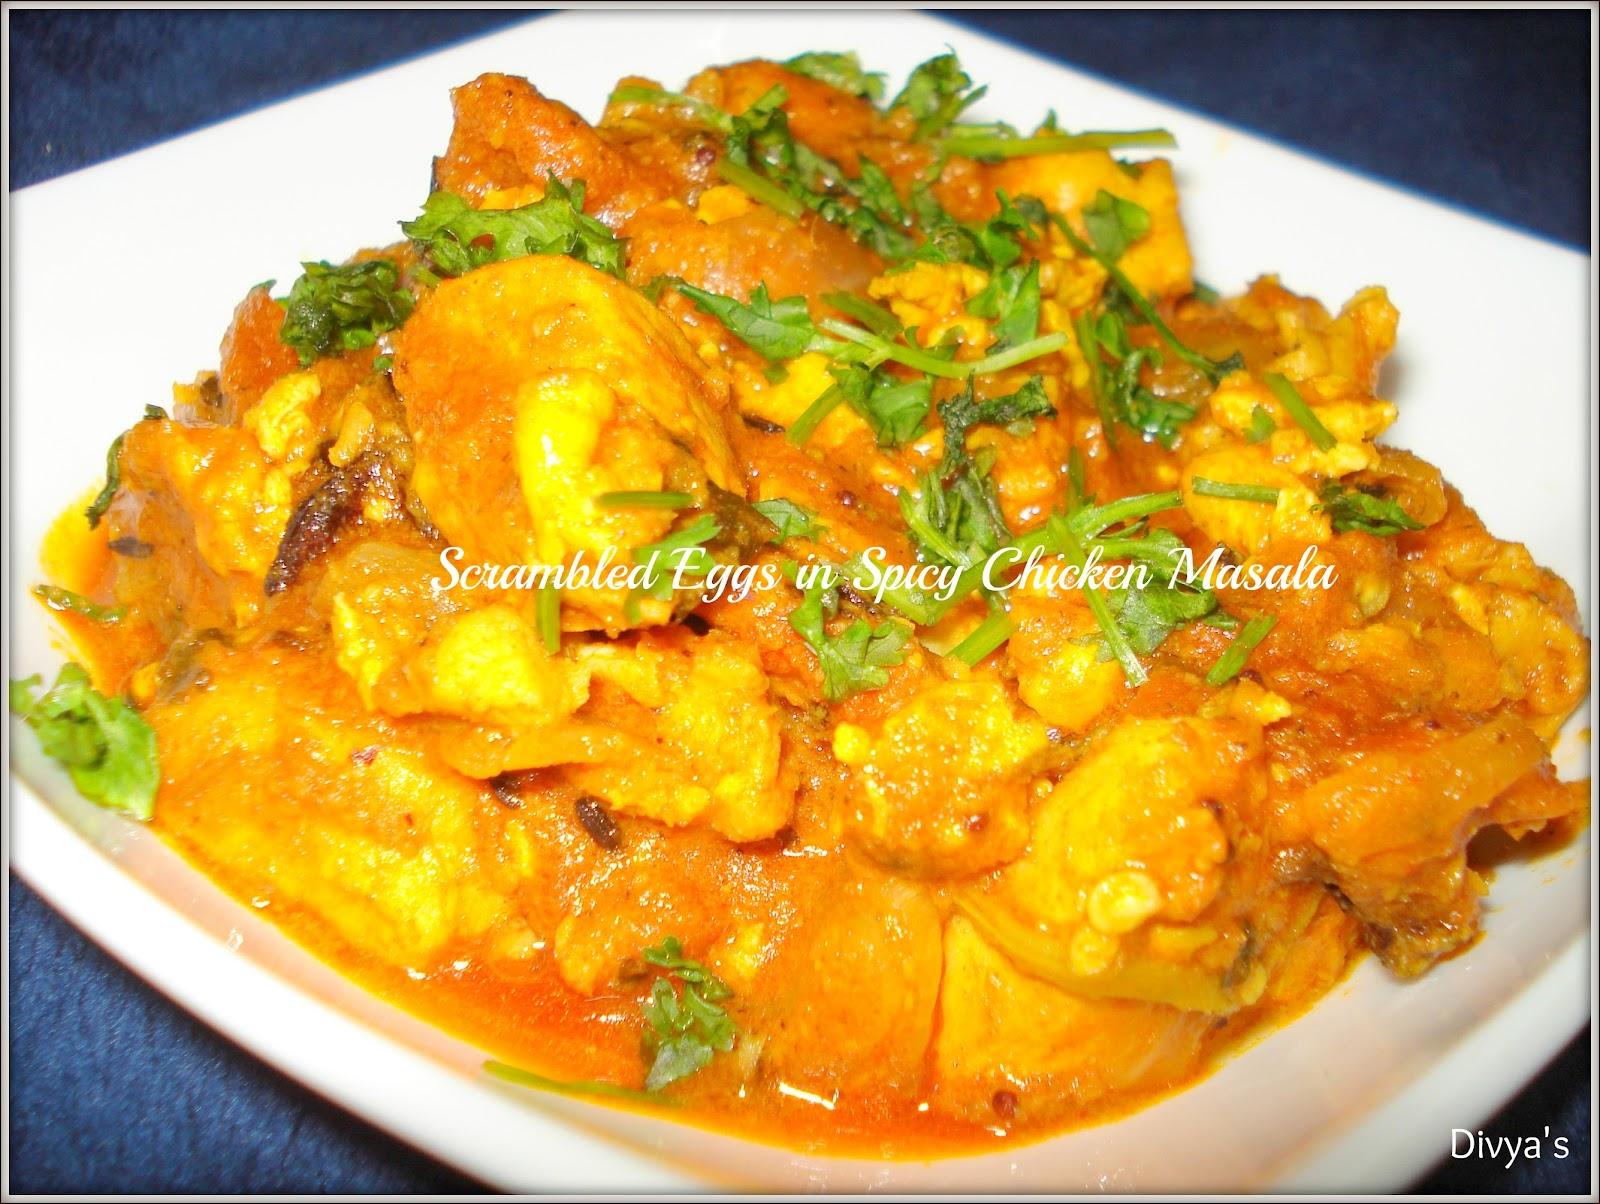 Scrambled Eggs In Spicy Chicken Masala